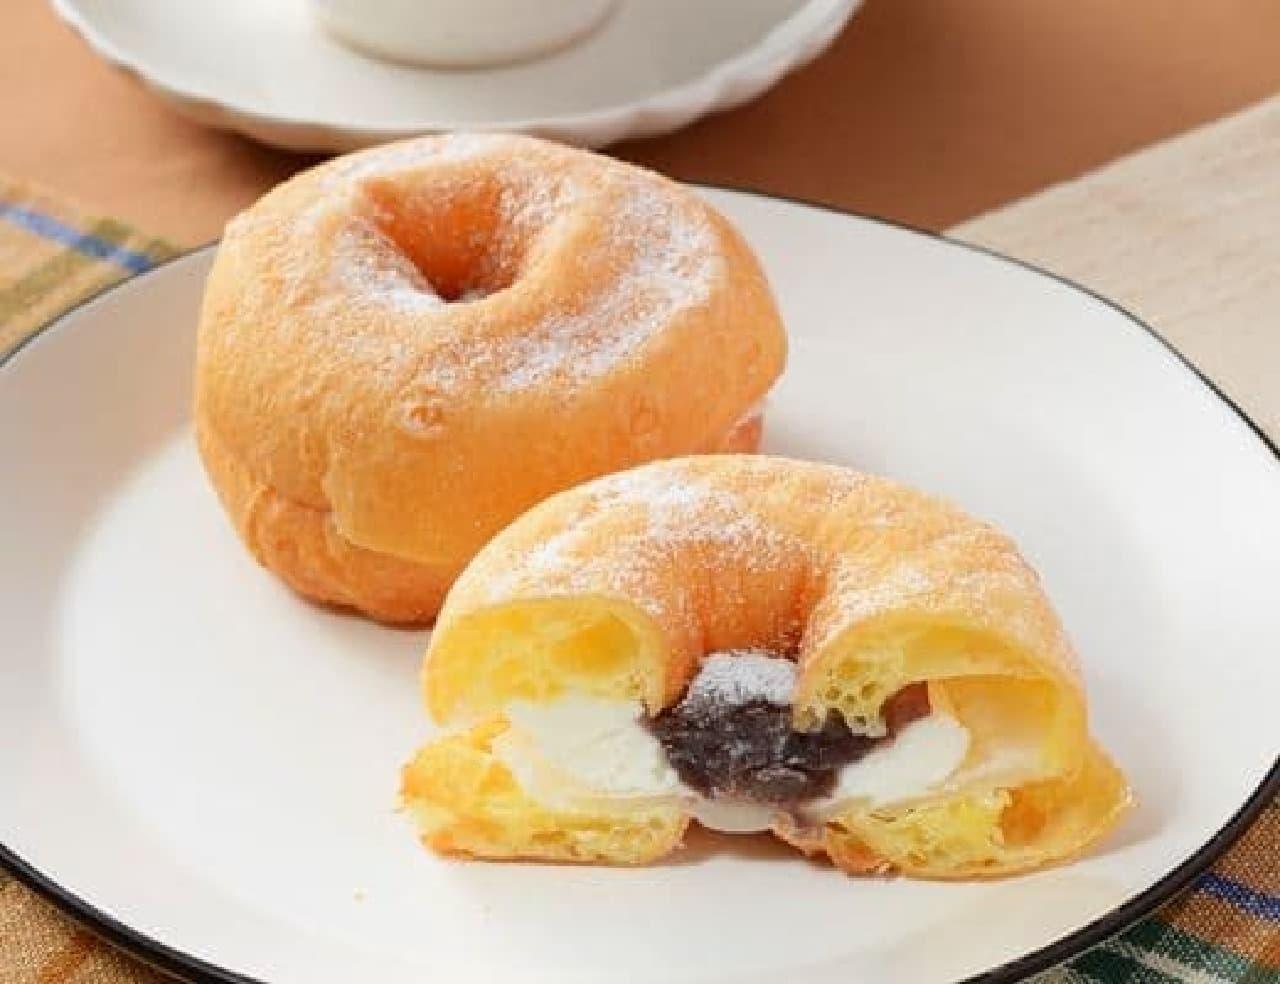 ローソン「モフリン -もちふわリングドーナツ あんバター-」